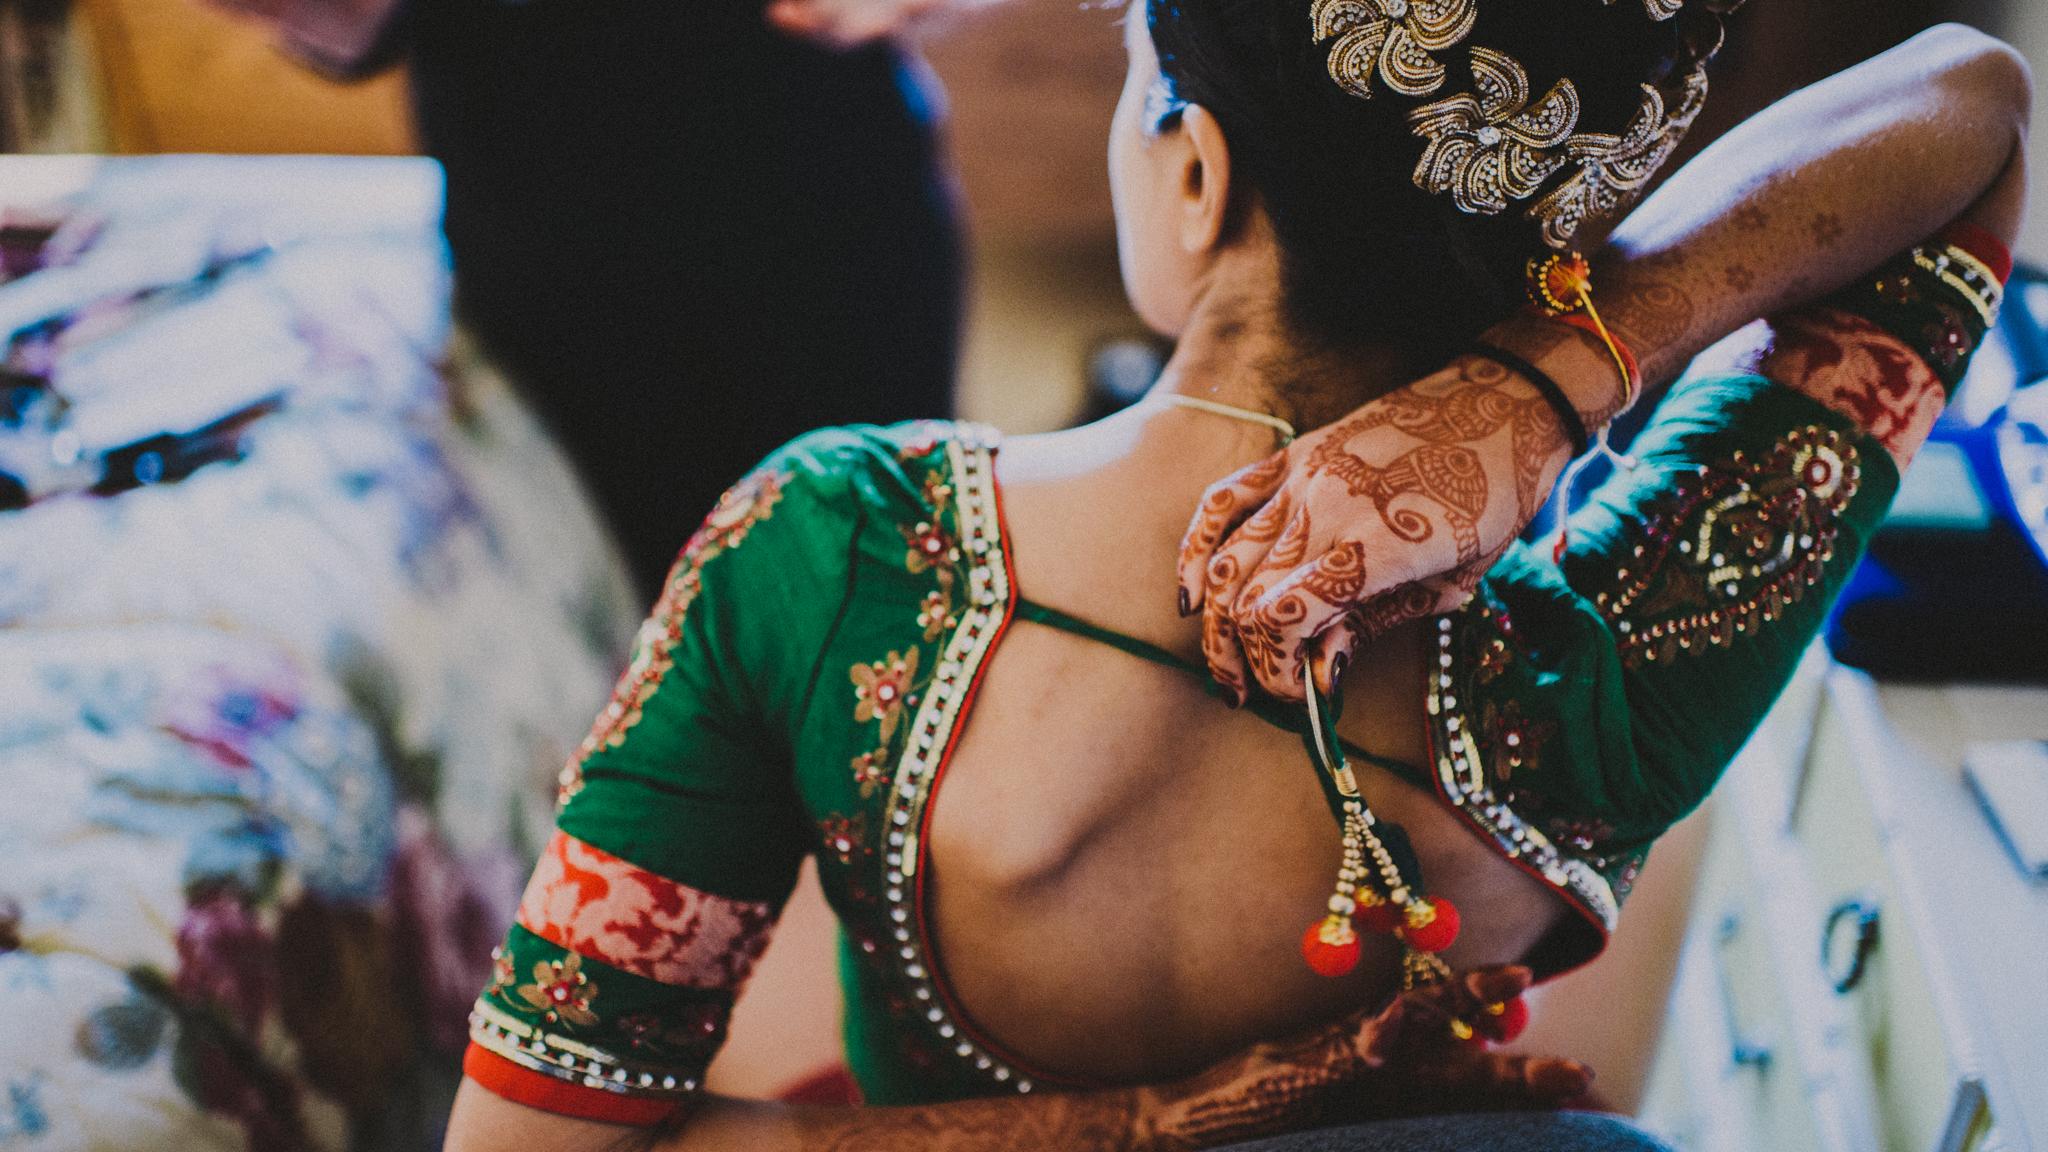 orlando_wedding_photographer_florida_gian_carlo_photography_012.jpg